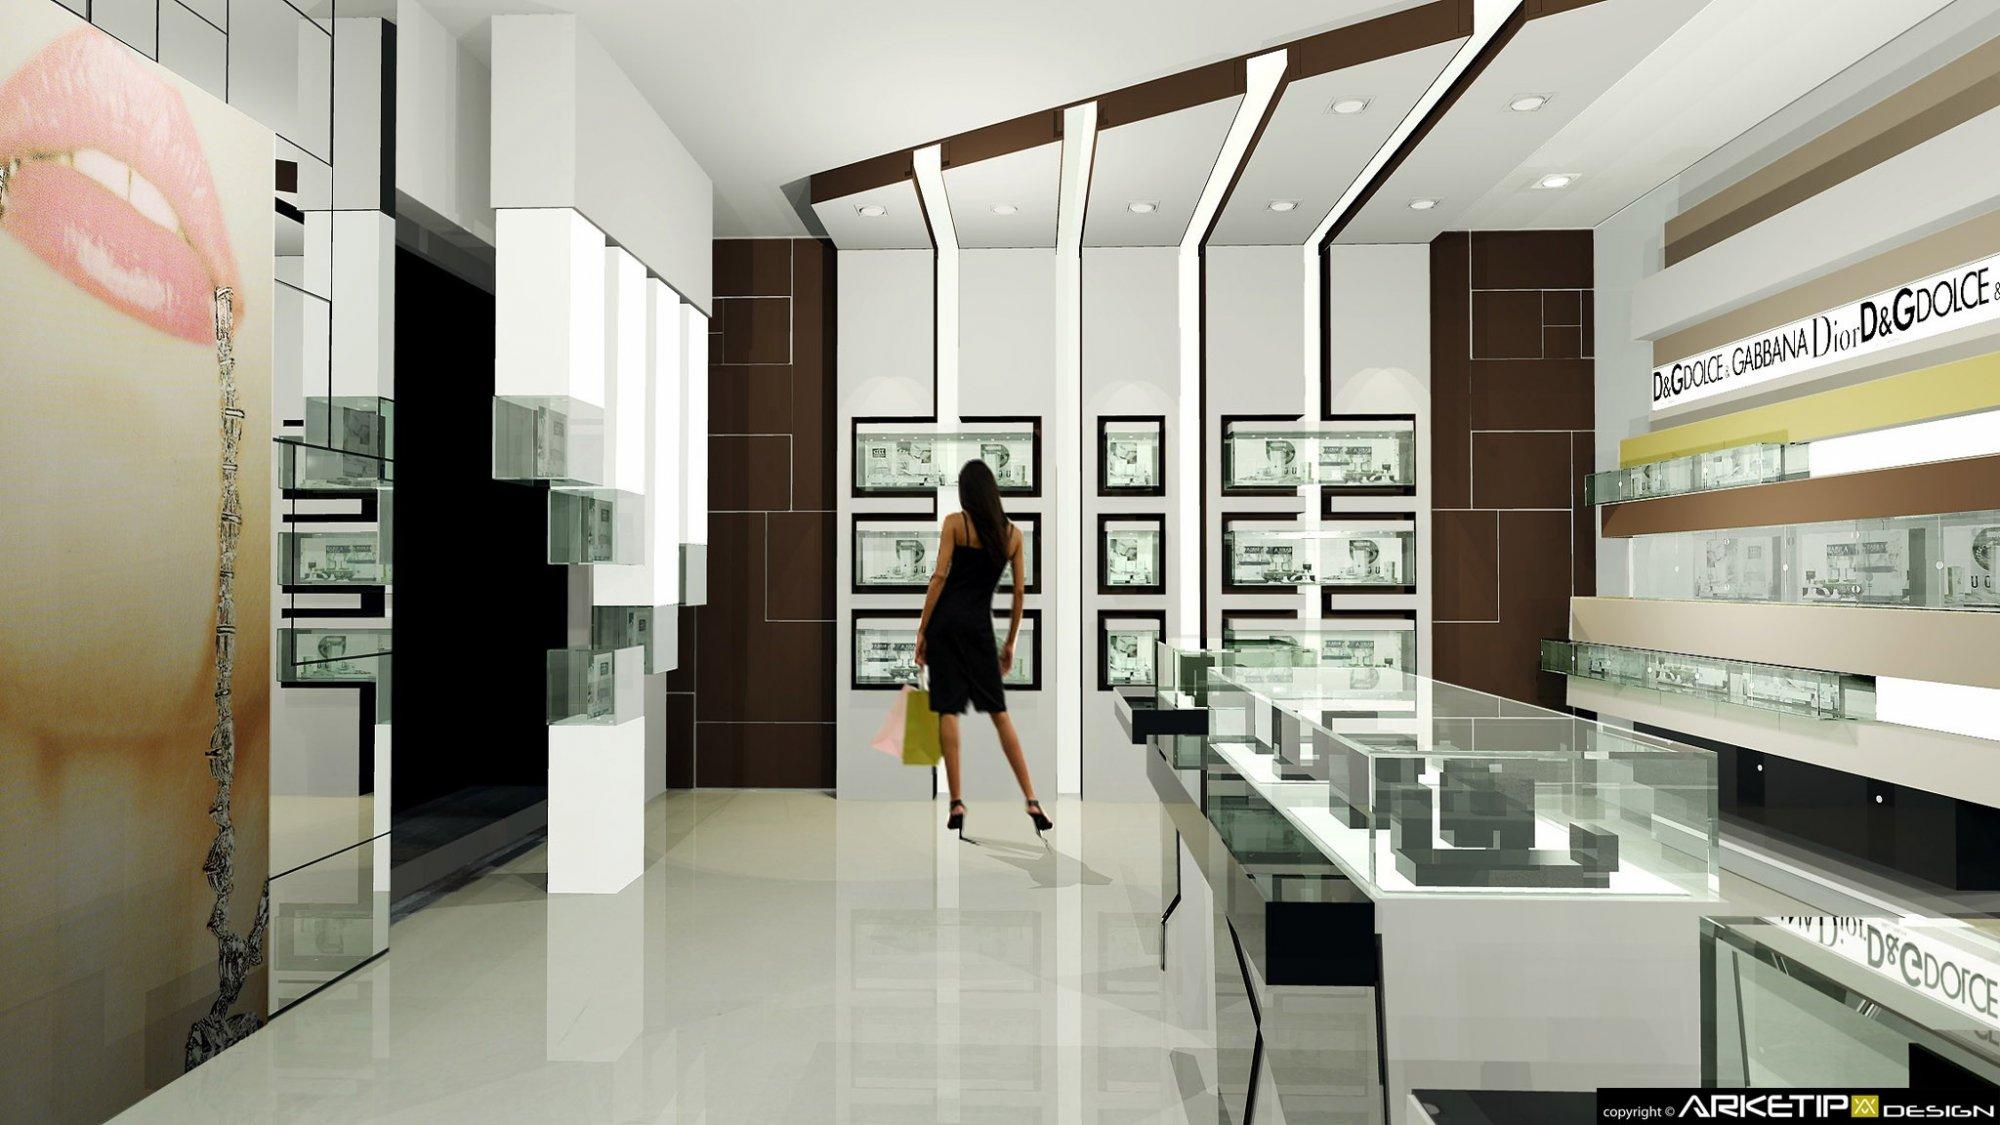 Arredamento gioielleria gammino negozio gioielli for Lloyds architecture planning interiors